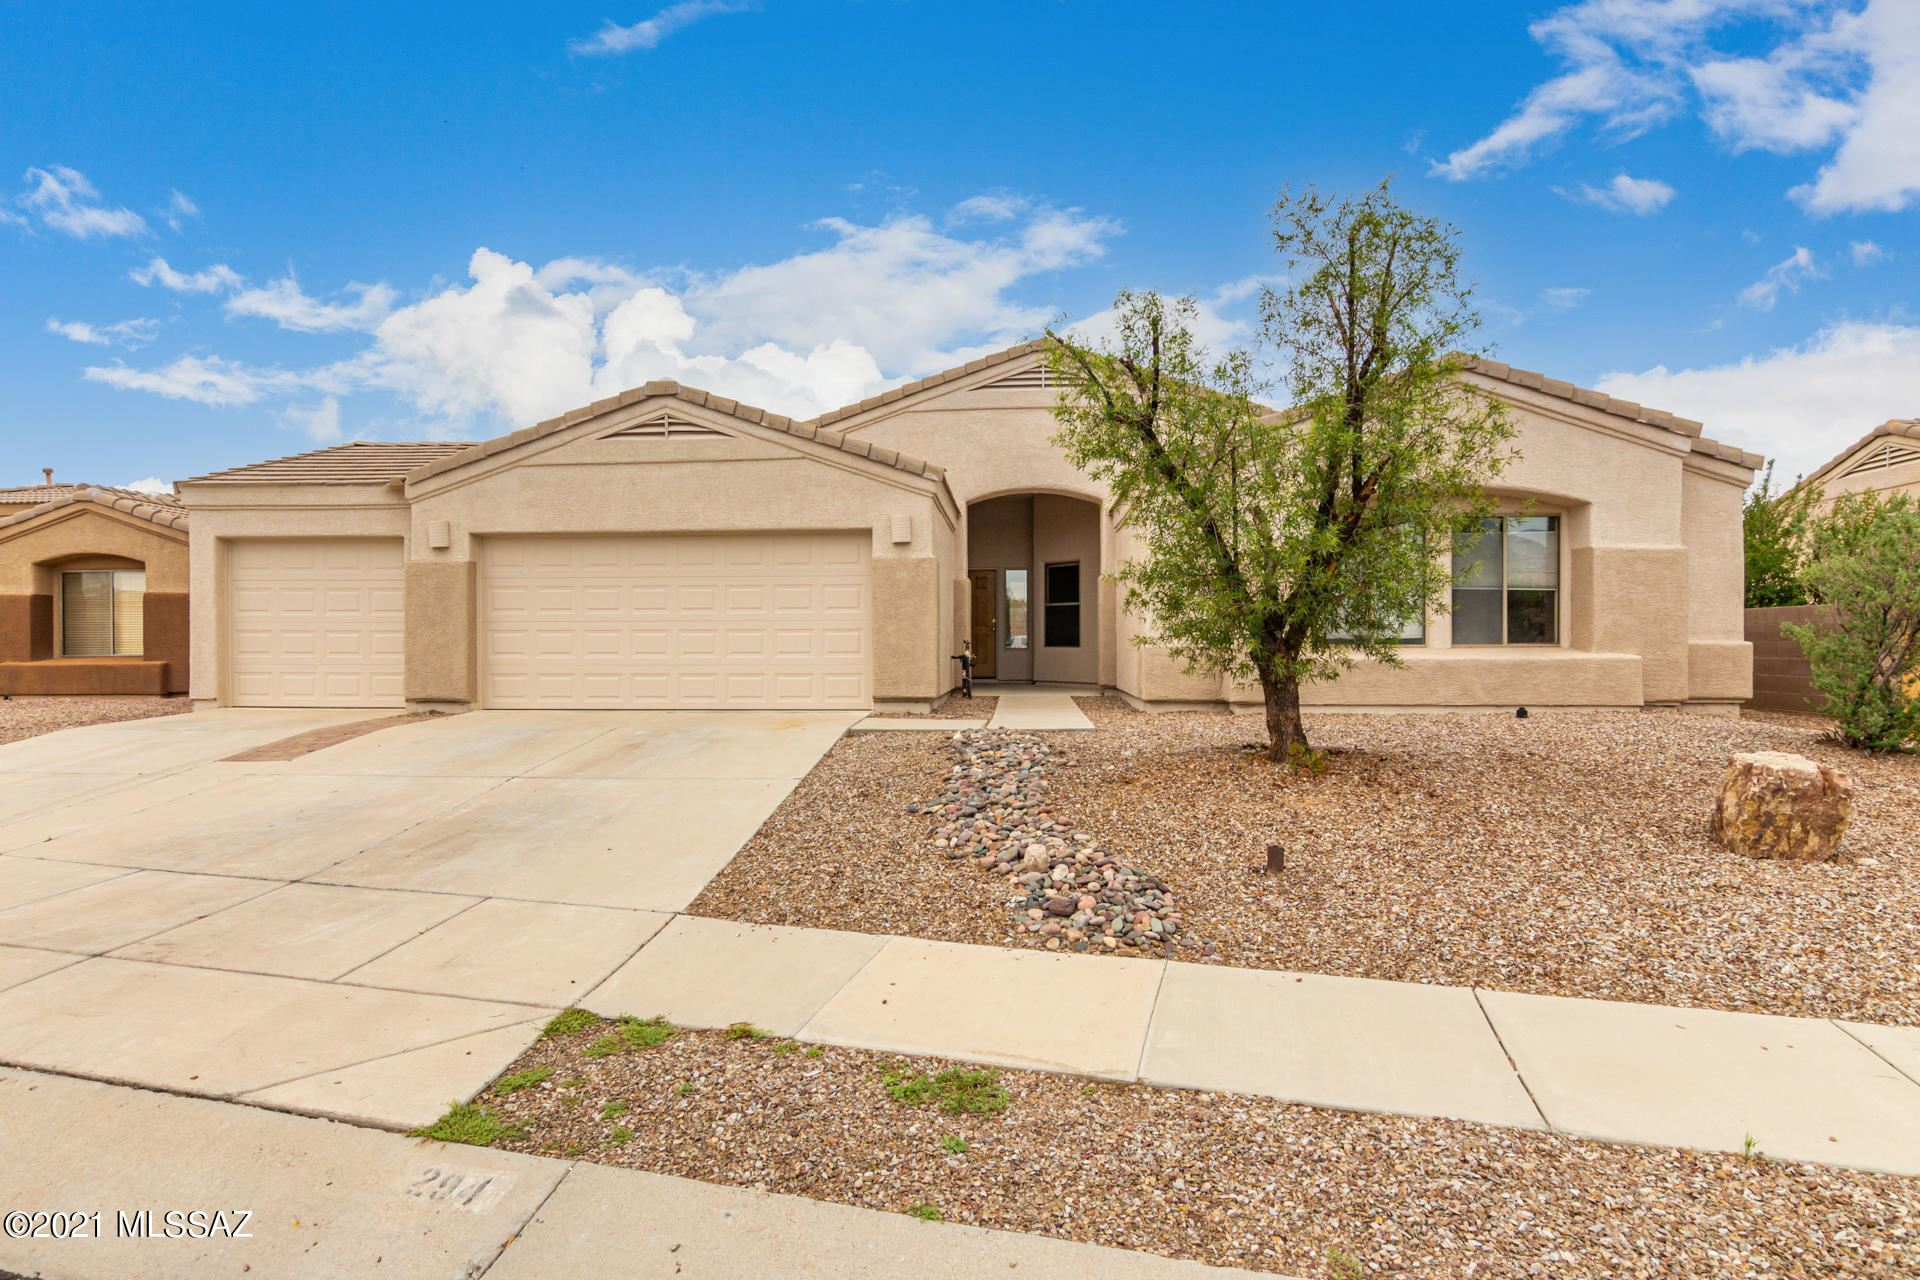 294 W Sugar Loaf Road, Tucson, AZ 85737 - MLS#: 22118890